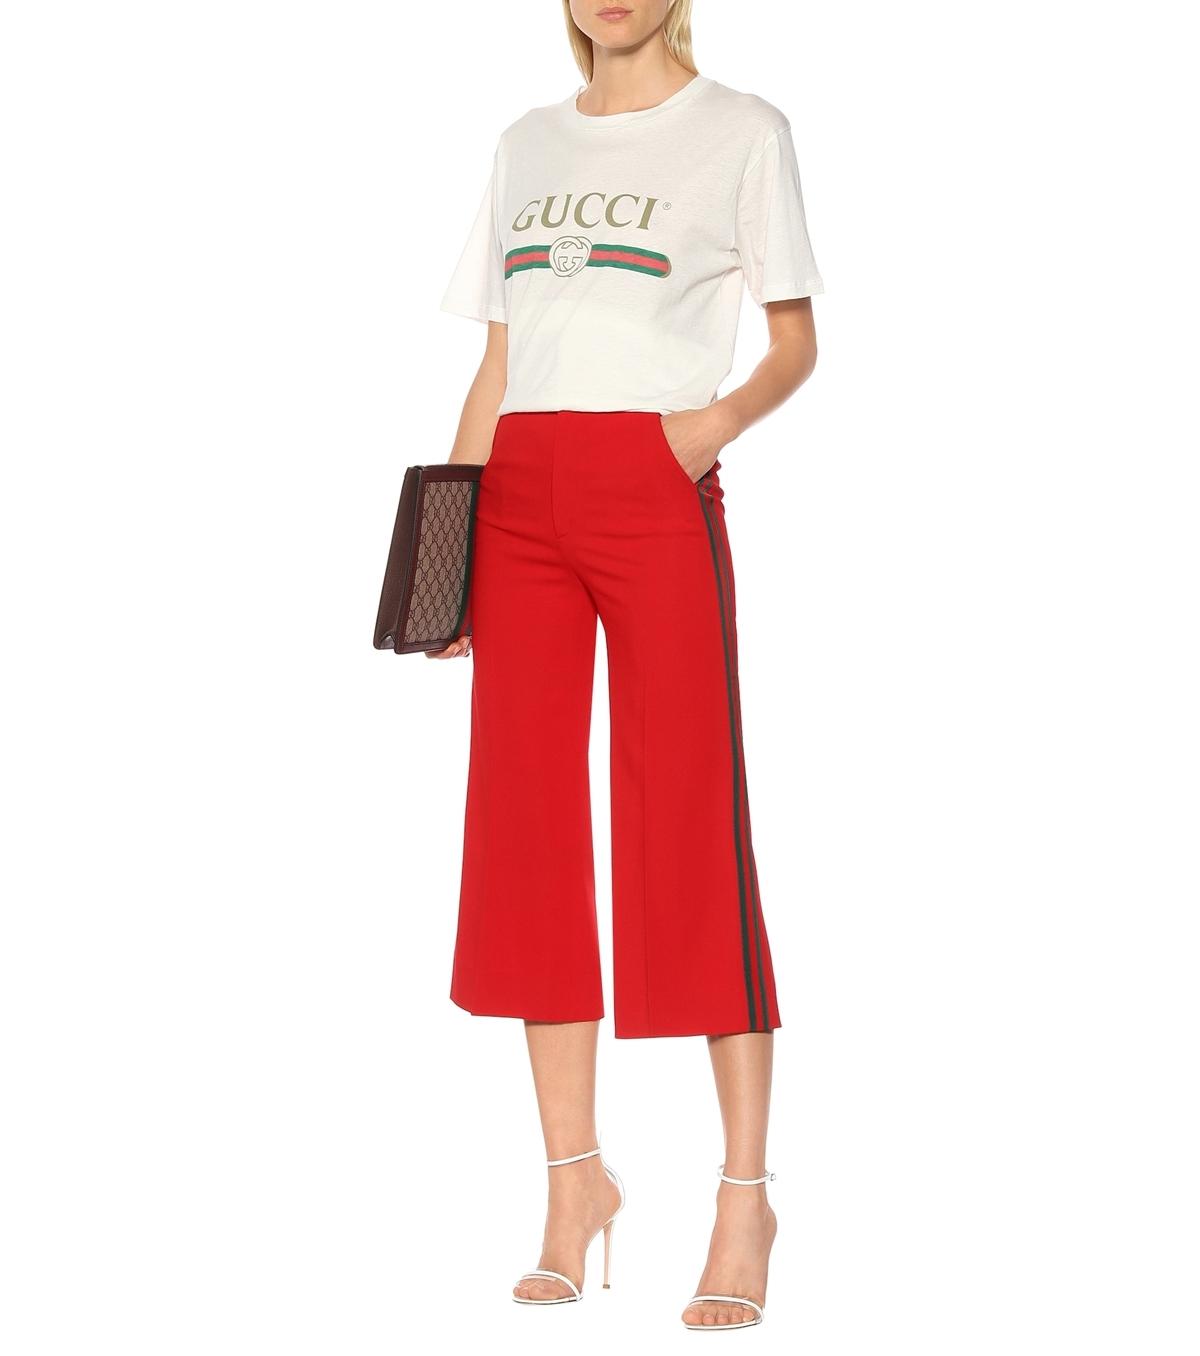 Thiết kế gam đỏ tươi, trang trí đường sọc xanh đỏ đặc trưng của Gucci đậm phong cáchretro. Nhà thiết kế gợi ý chị em kết hợp quần với áo thun, sandals và túi xách gắn logo cũng của Gucciđể tạoset đồ đồng điệu. Giá từ nhà sản xuất 1.300 AUD (gần 20 triệu đồng).